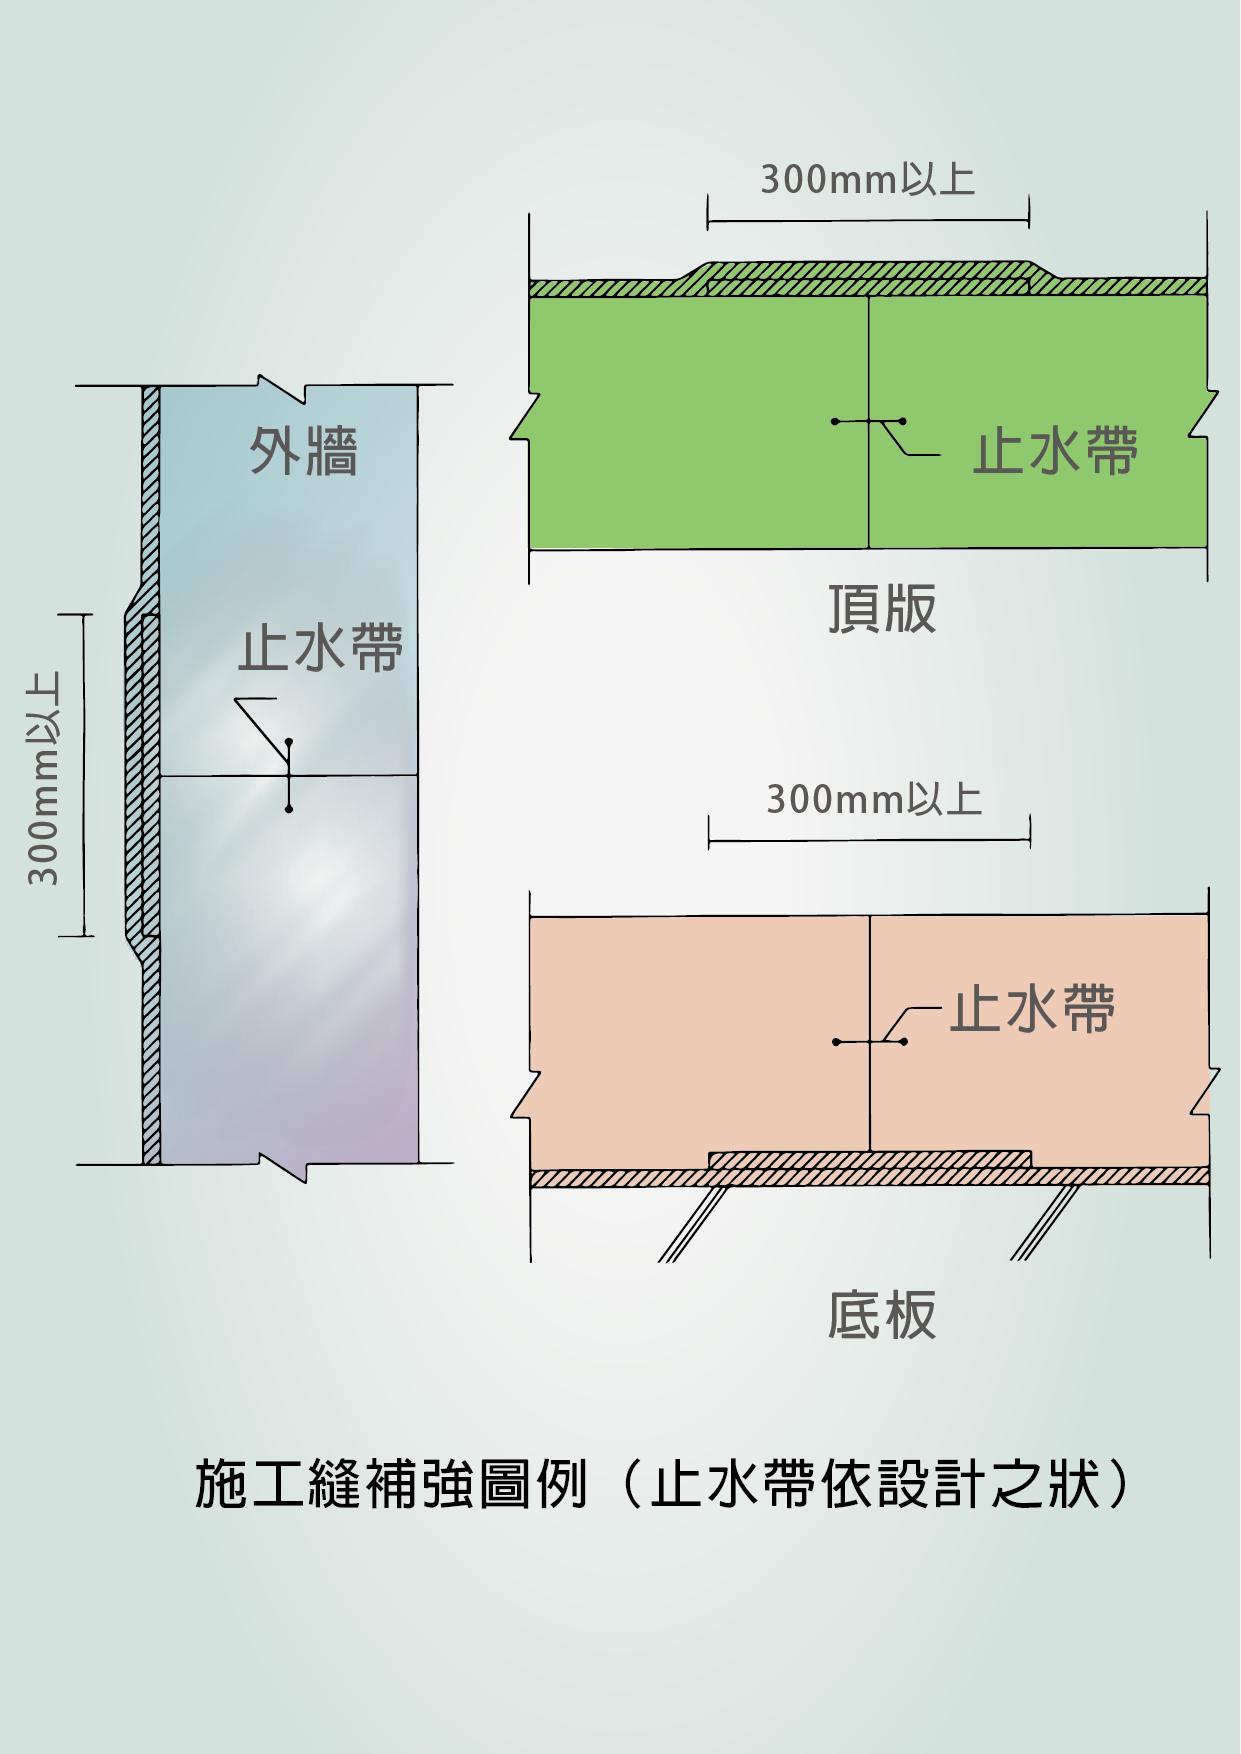 圖2-4-76(圖例三).png